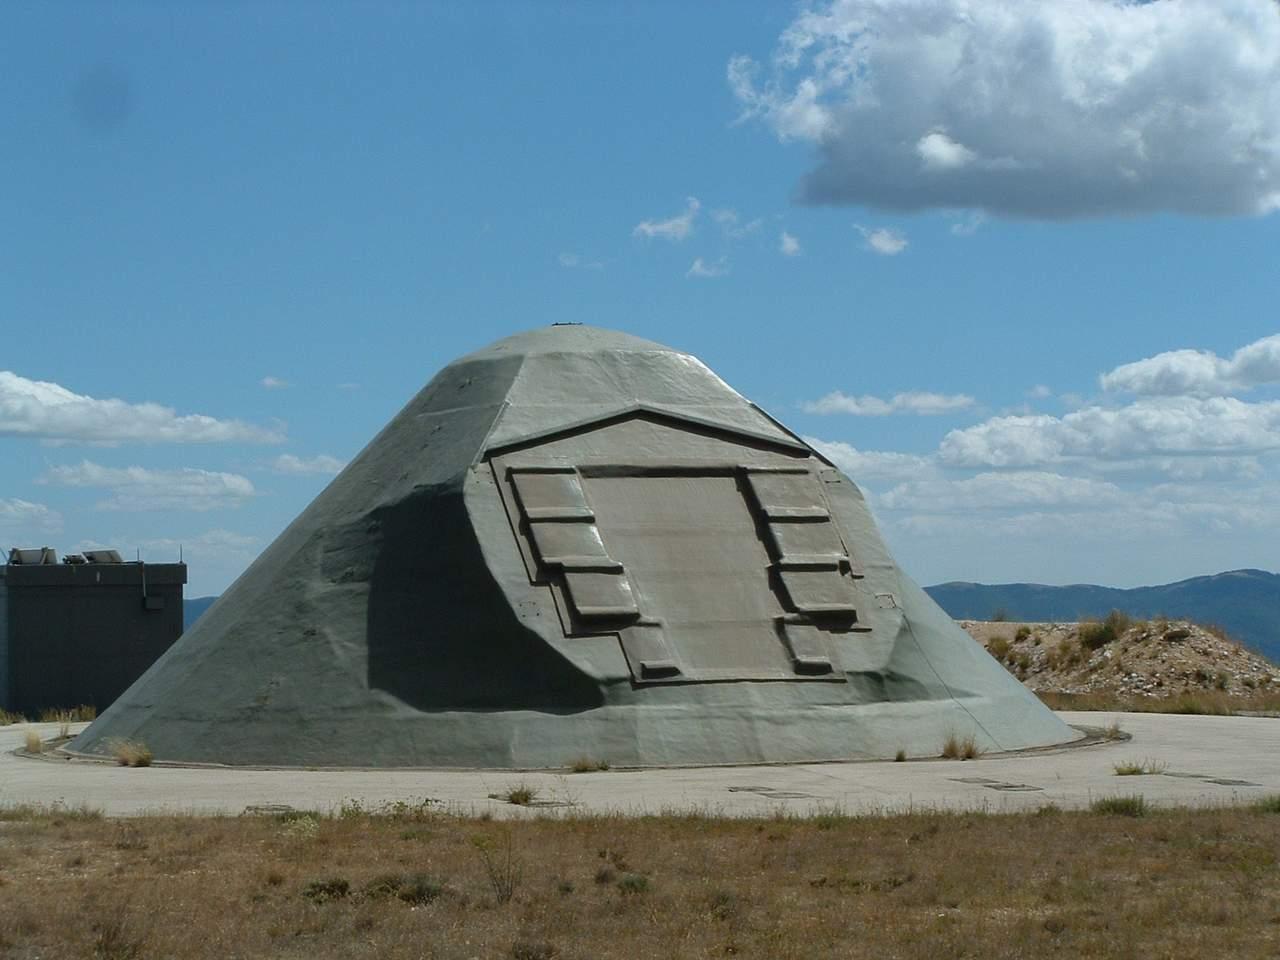 Échanges de tirs entre militaires et Extraterrestres sur le site de lancement des missiles nucléaires d'Albion en France!